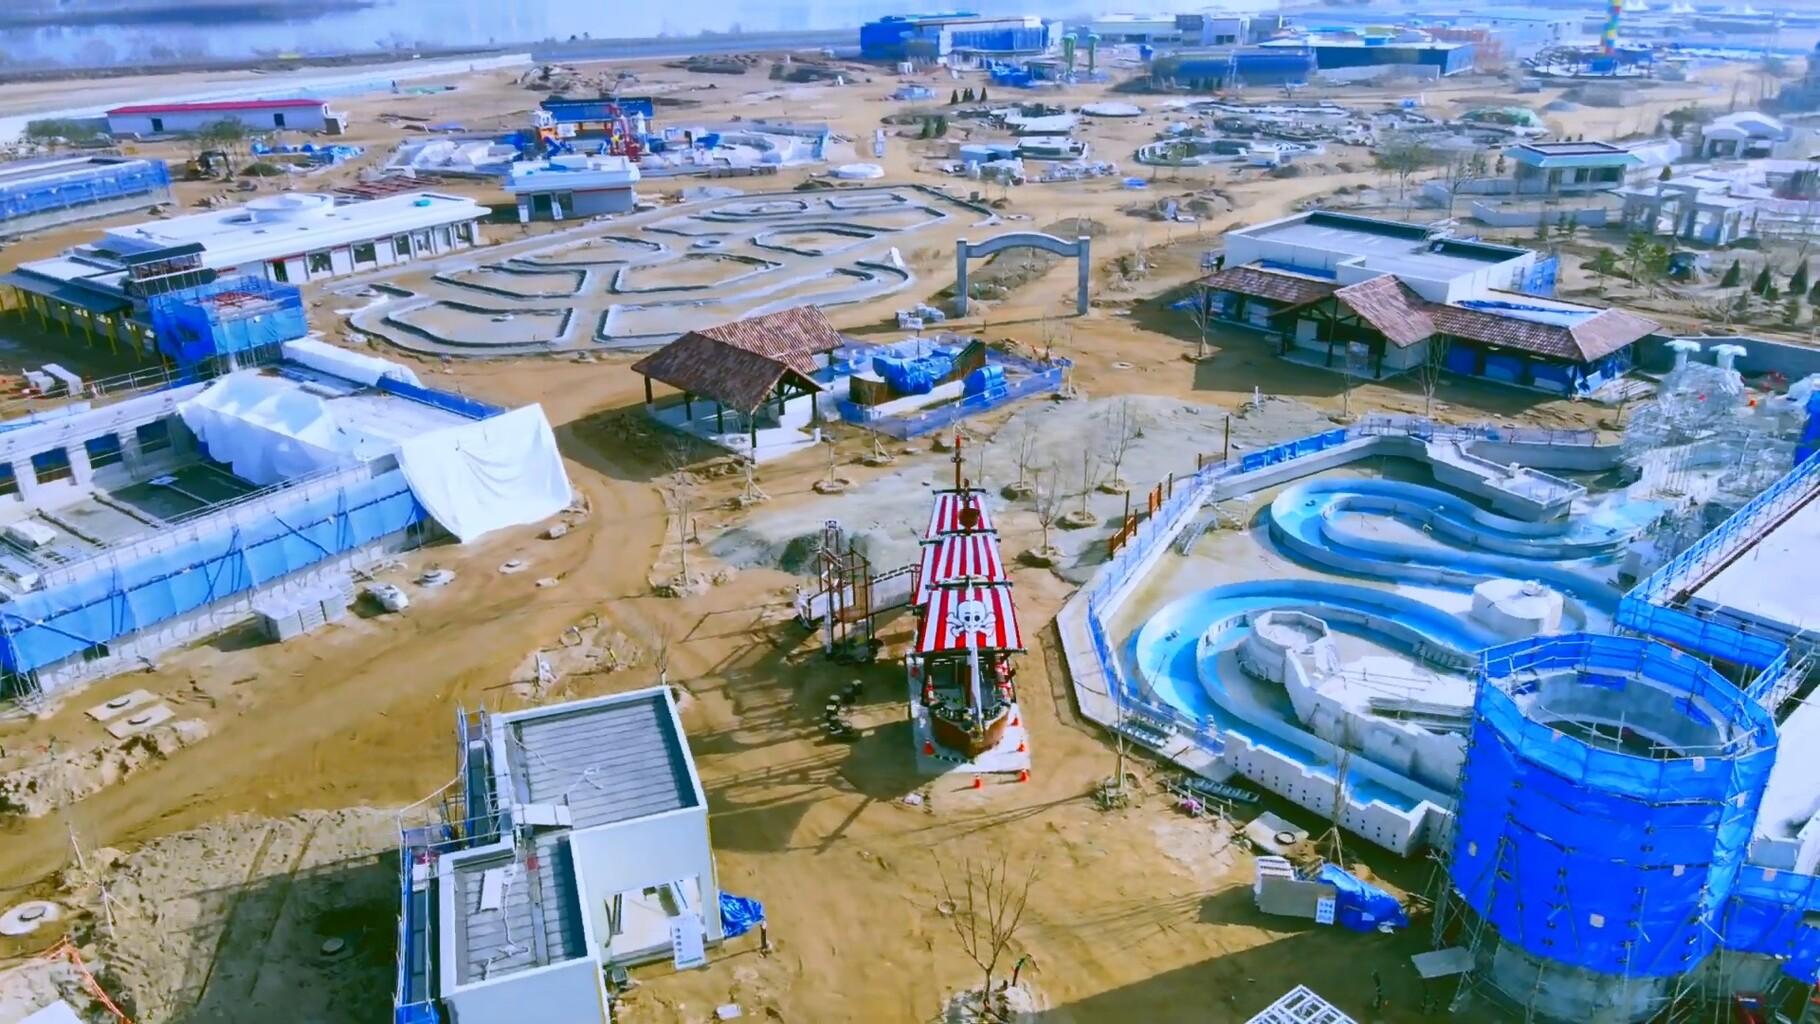 legoland-korea-33182800.jpg